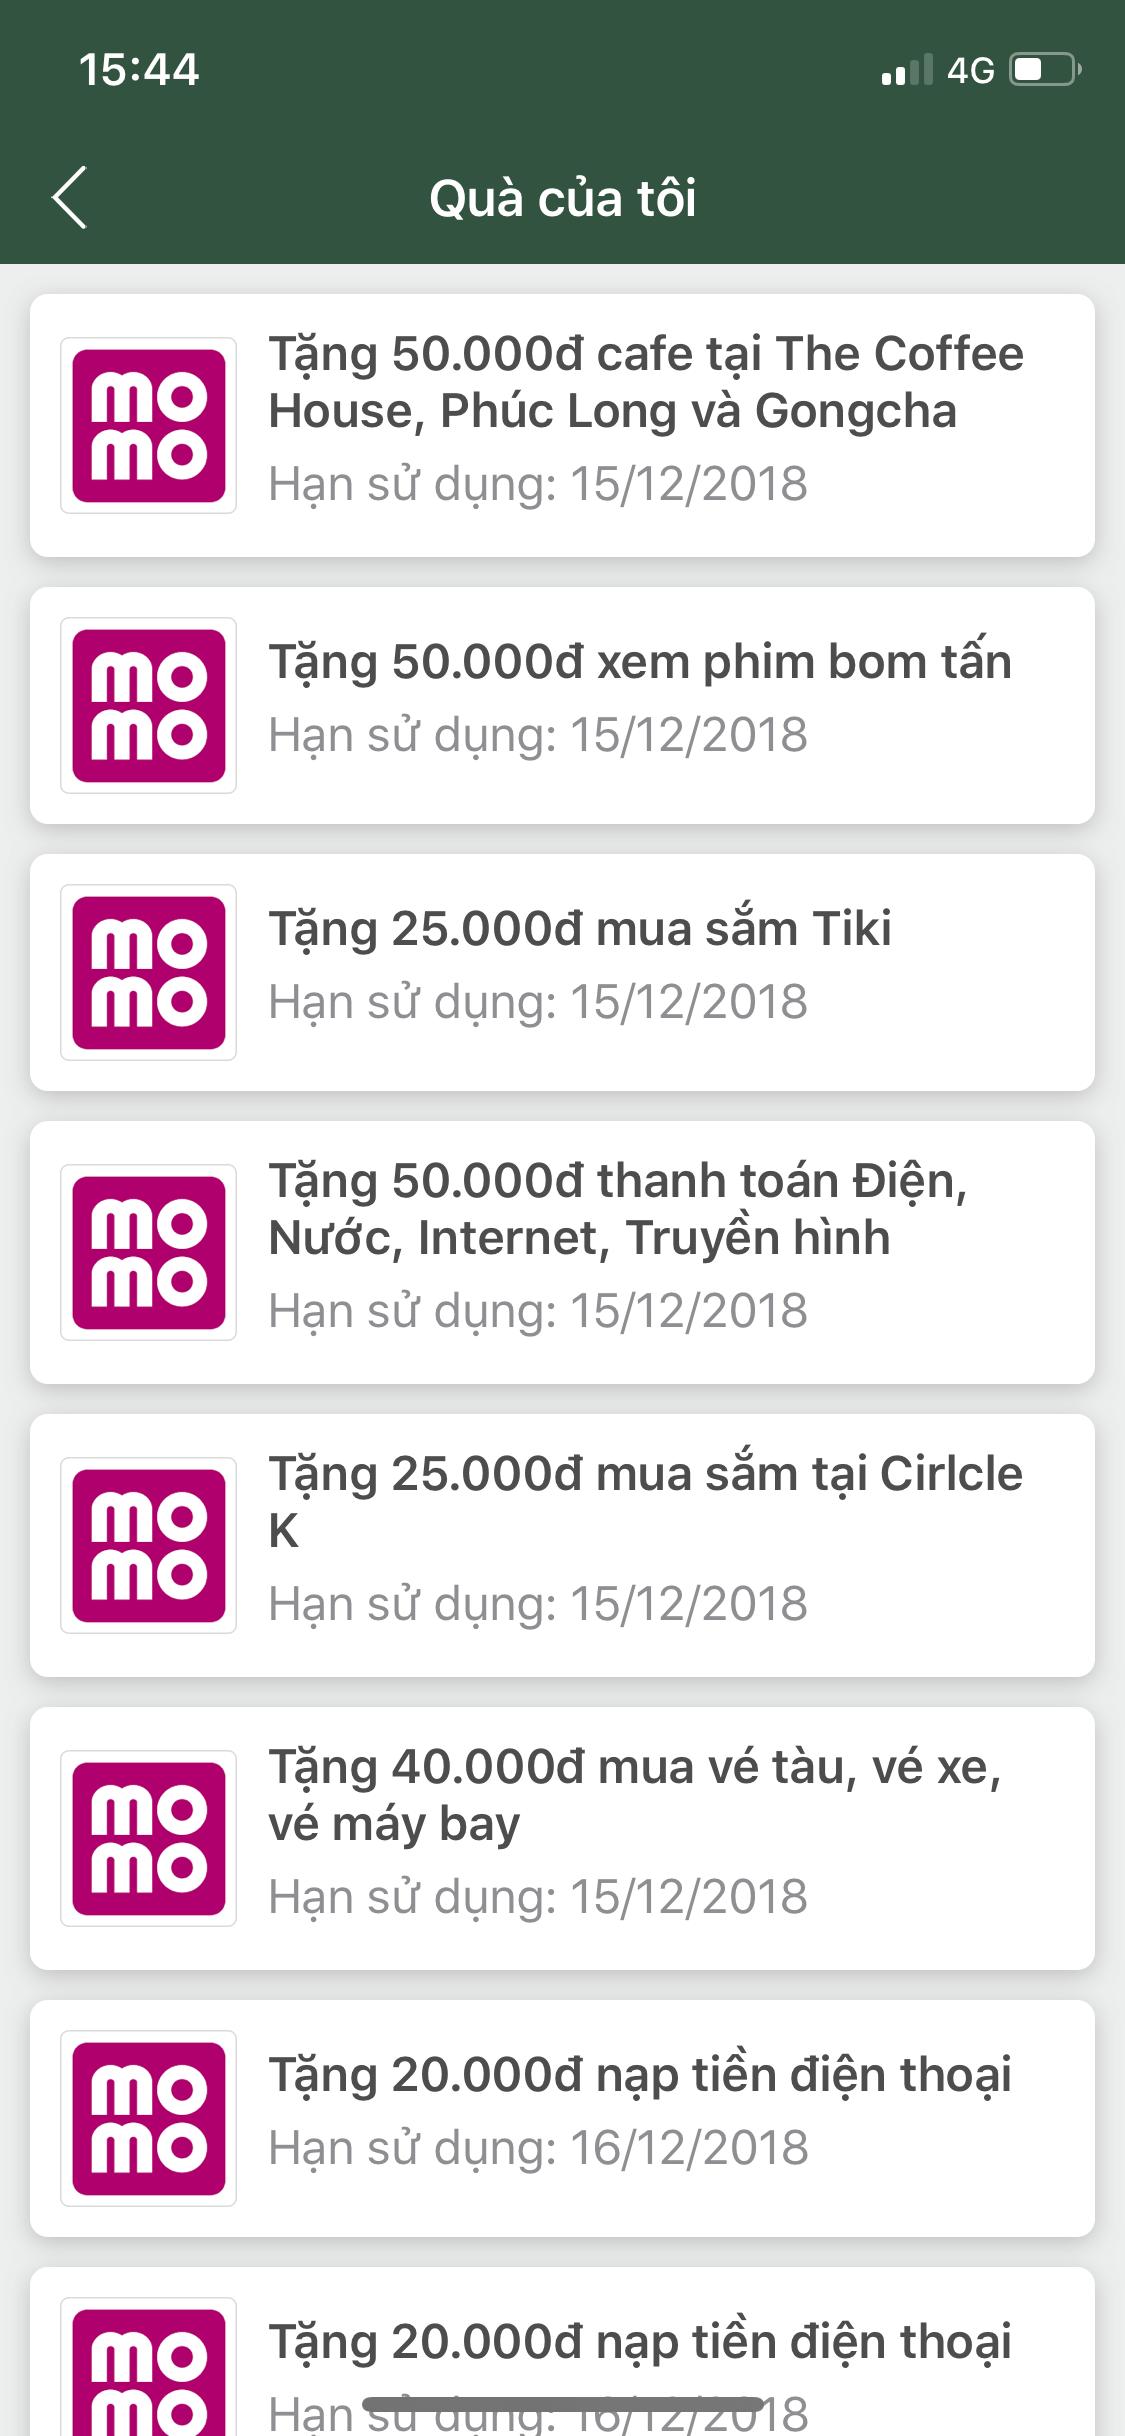 quà kiếm được từ kiếm tiền online với ứng dụng momo